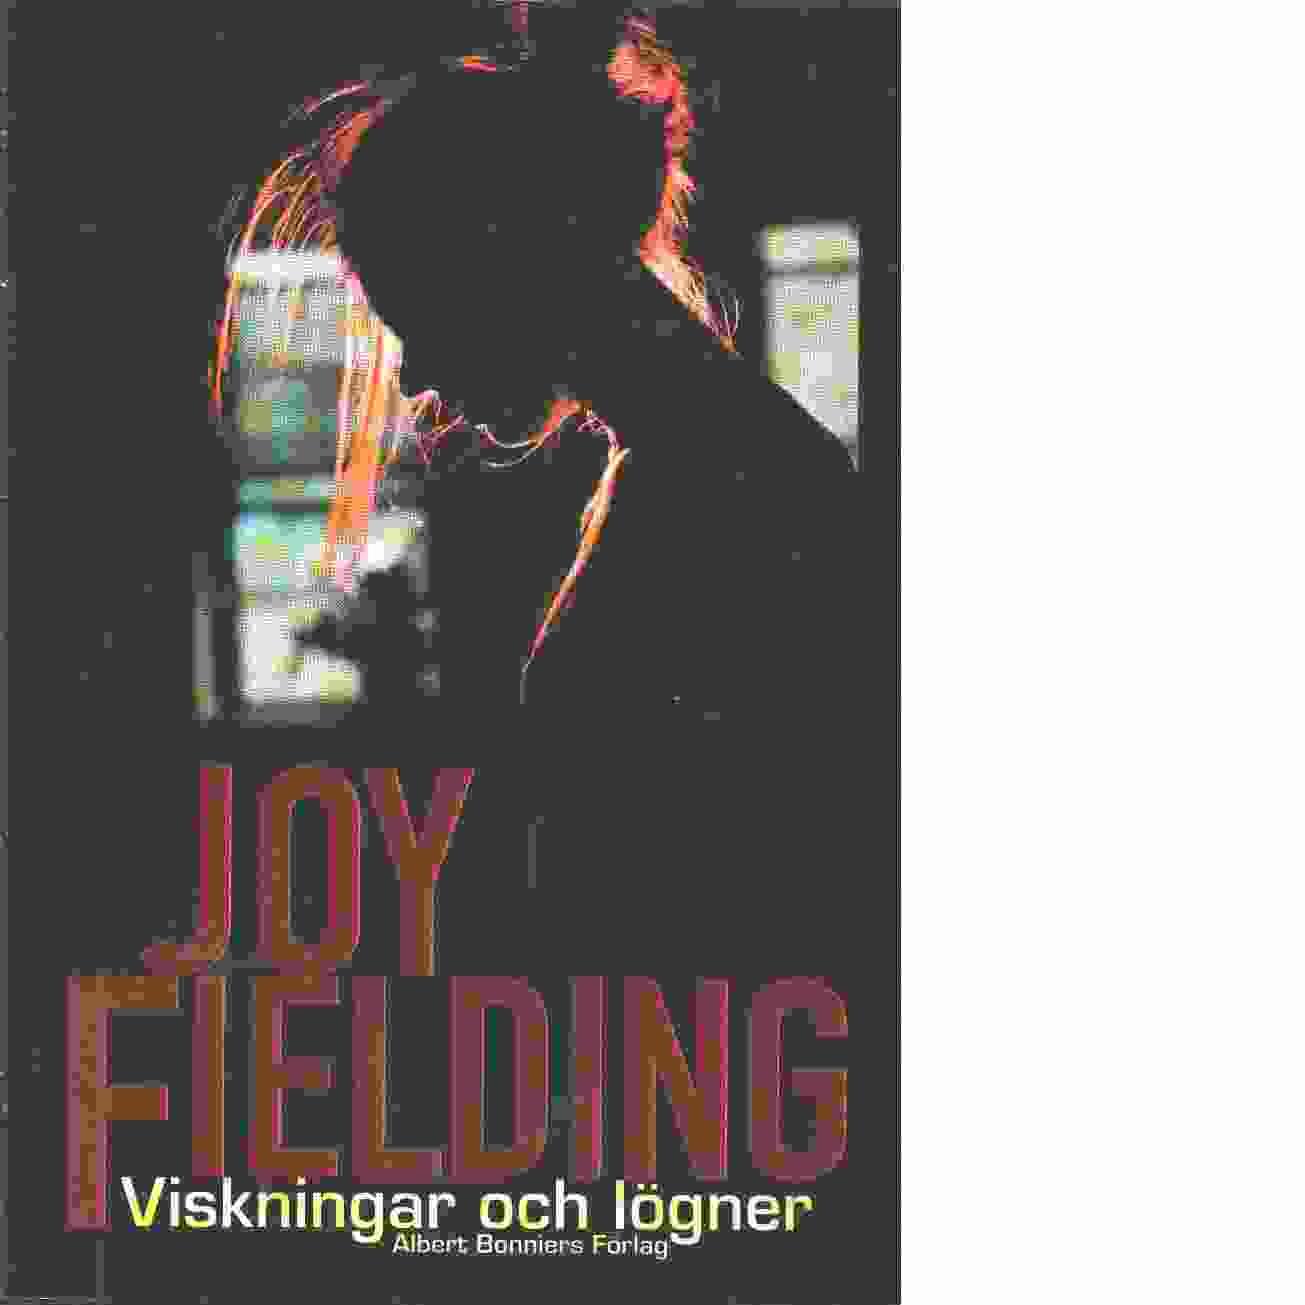 Viskningar och lögner - Fielding, Joy